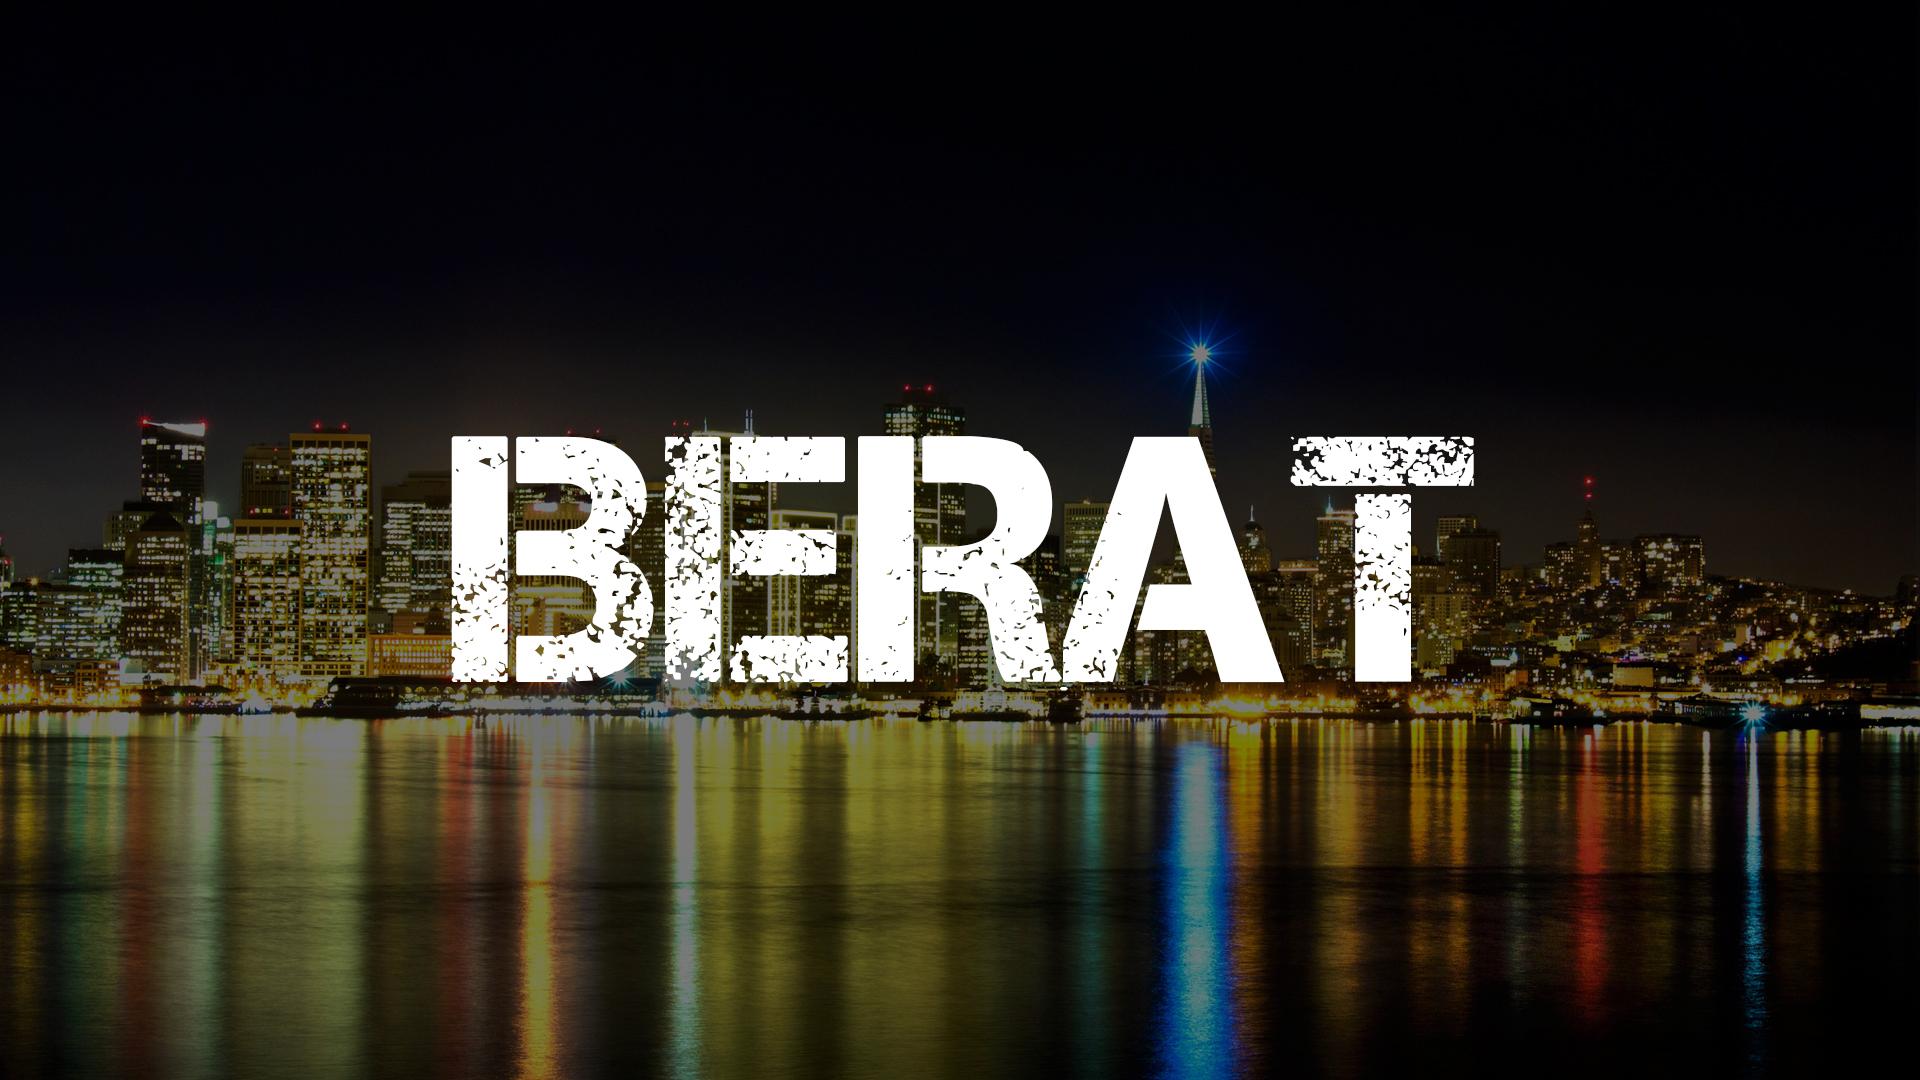 Rapper Berat sa v rozhovore vyjadril aj o dnešnej rappovej scéne a prezradil nám, aké známe mená mu v jeho tvorbe pomáhajú.